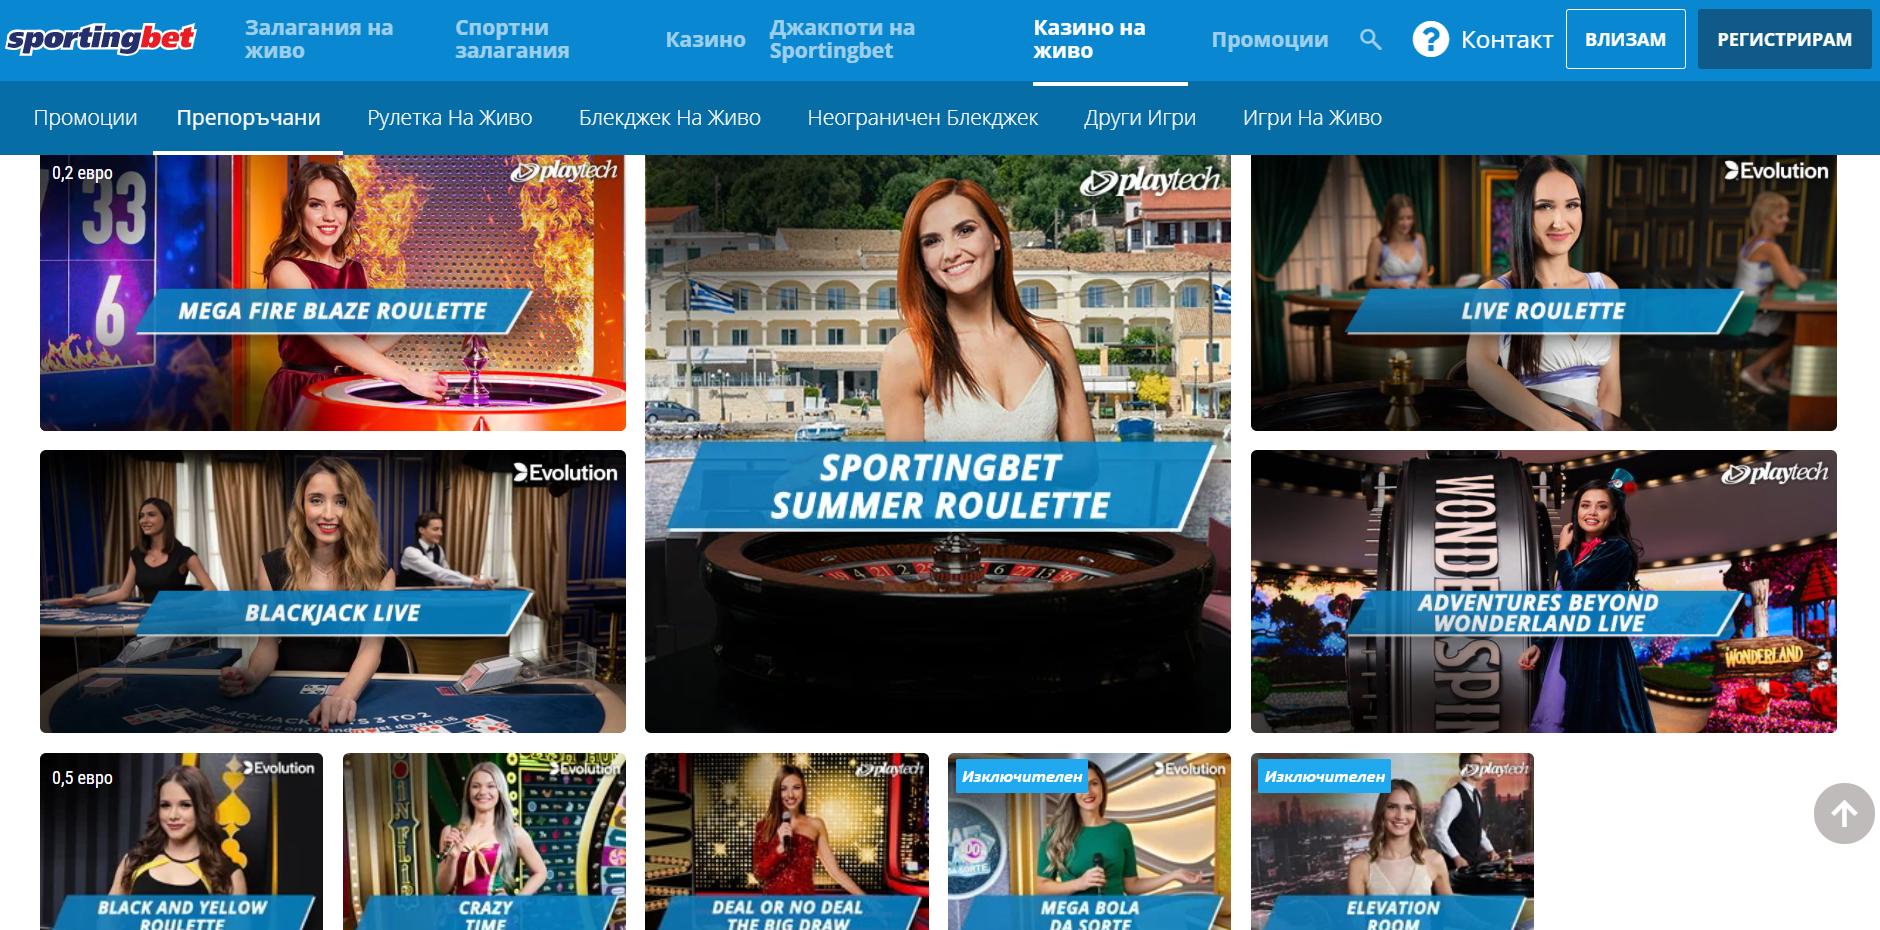 Вижте налични спортове в Sportingbet